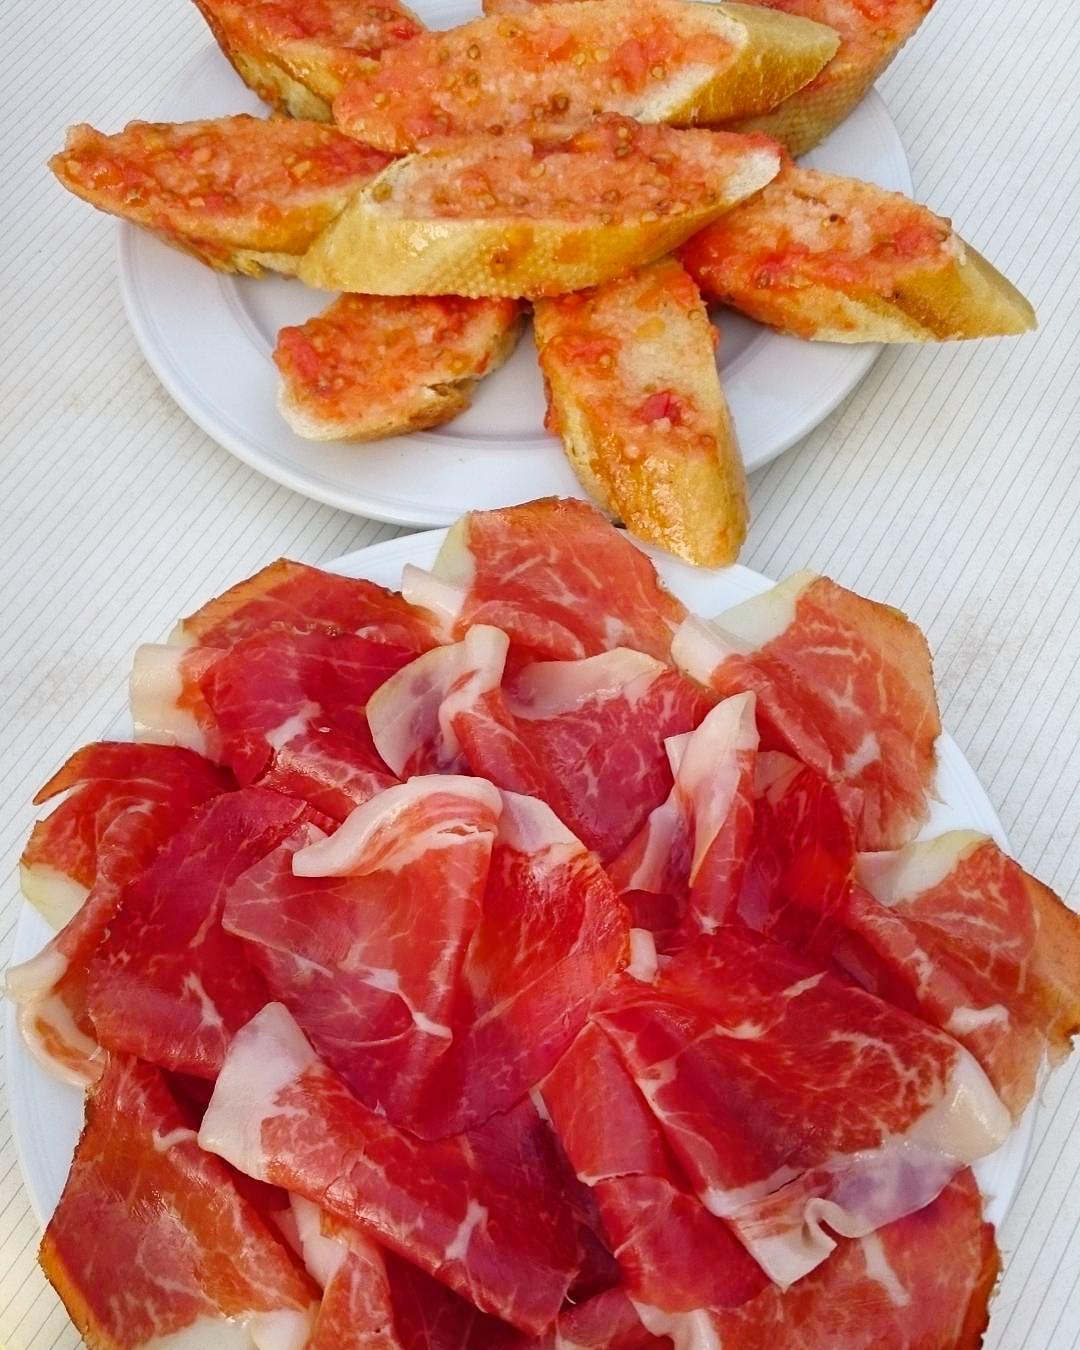 Tosta con tomate y jamón ibérico